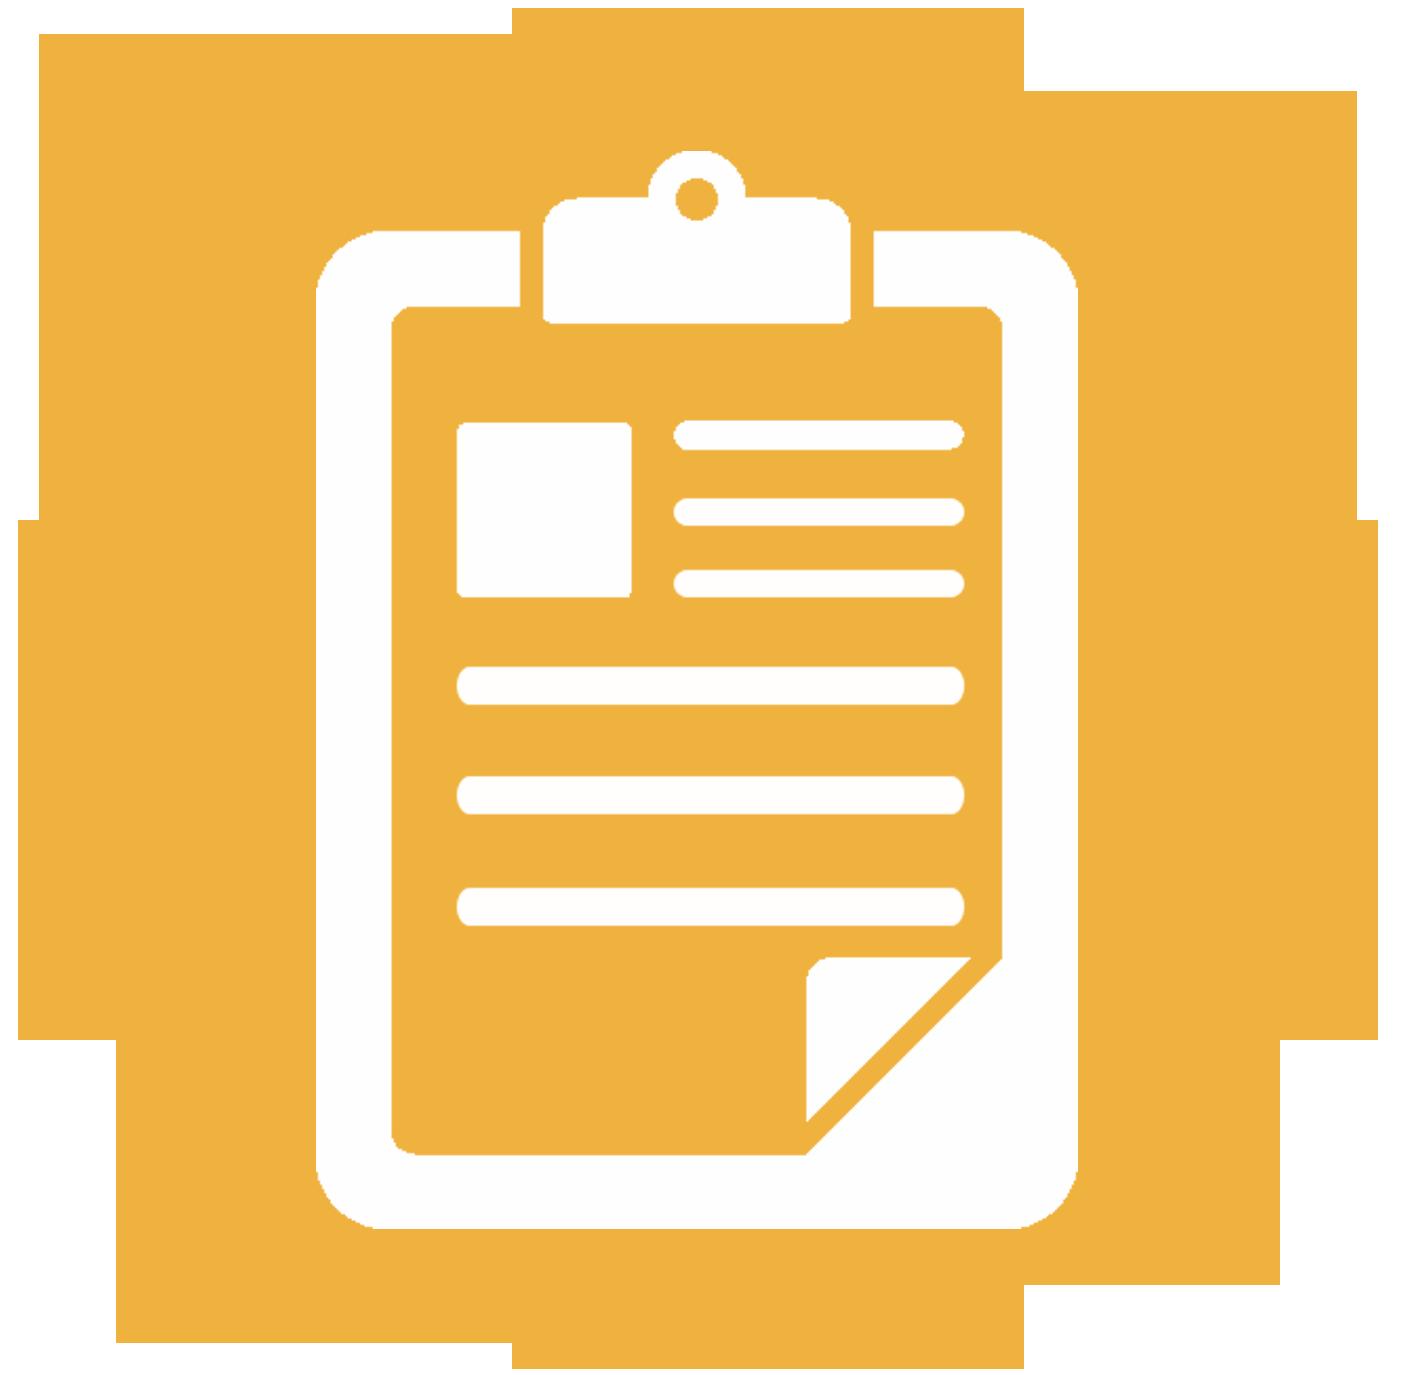 logo-notes